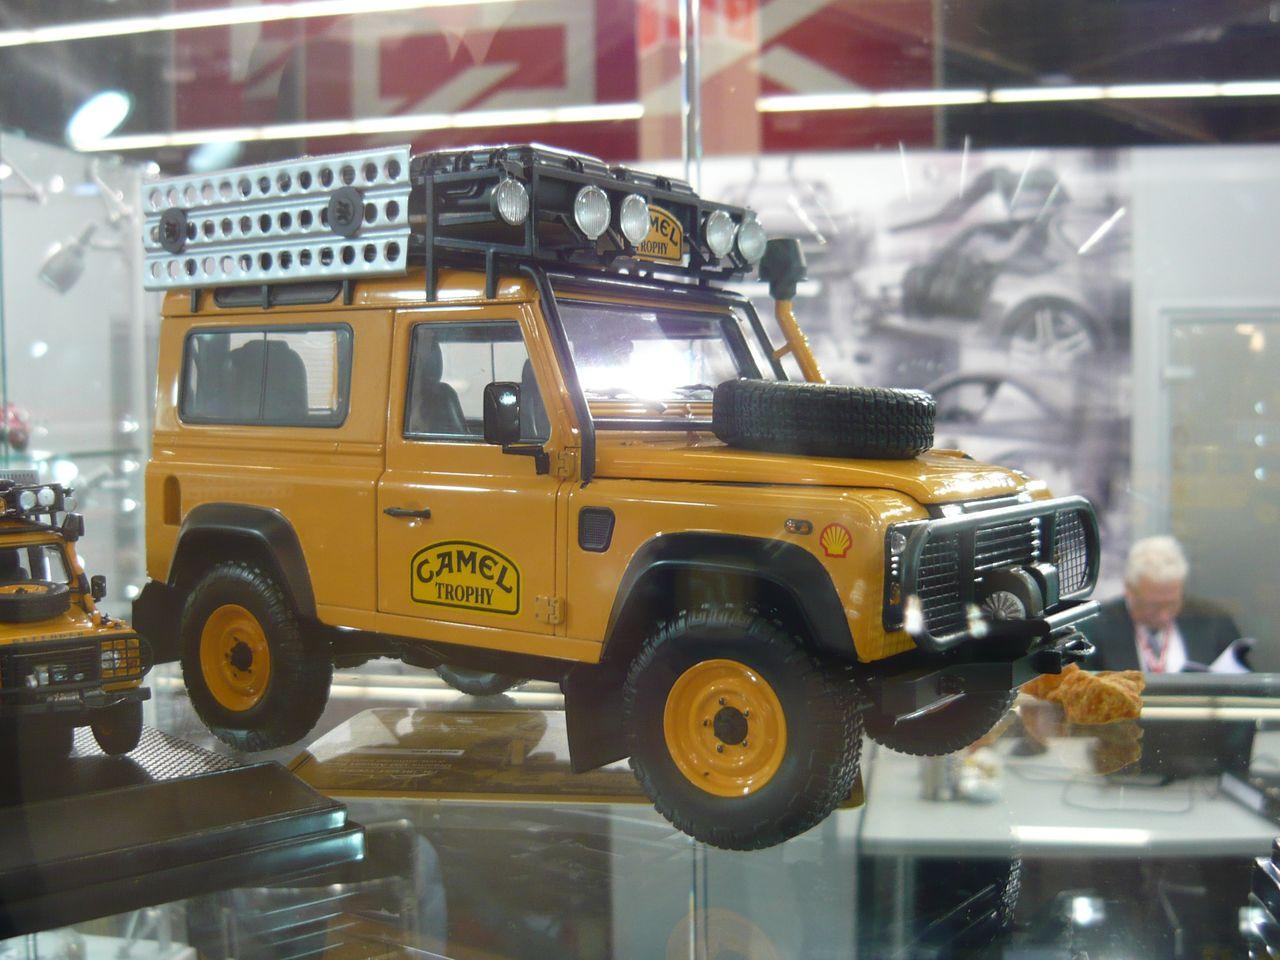 Land Rover Defender 90 Camel Trophy Edition